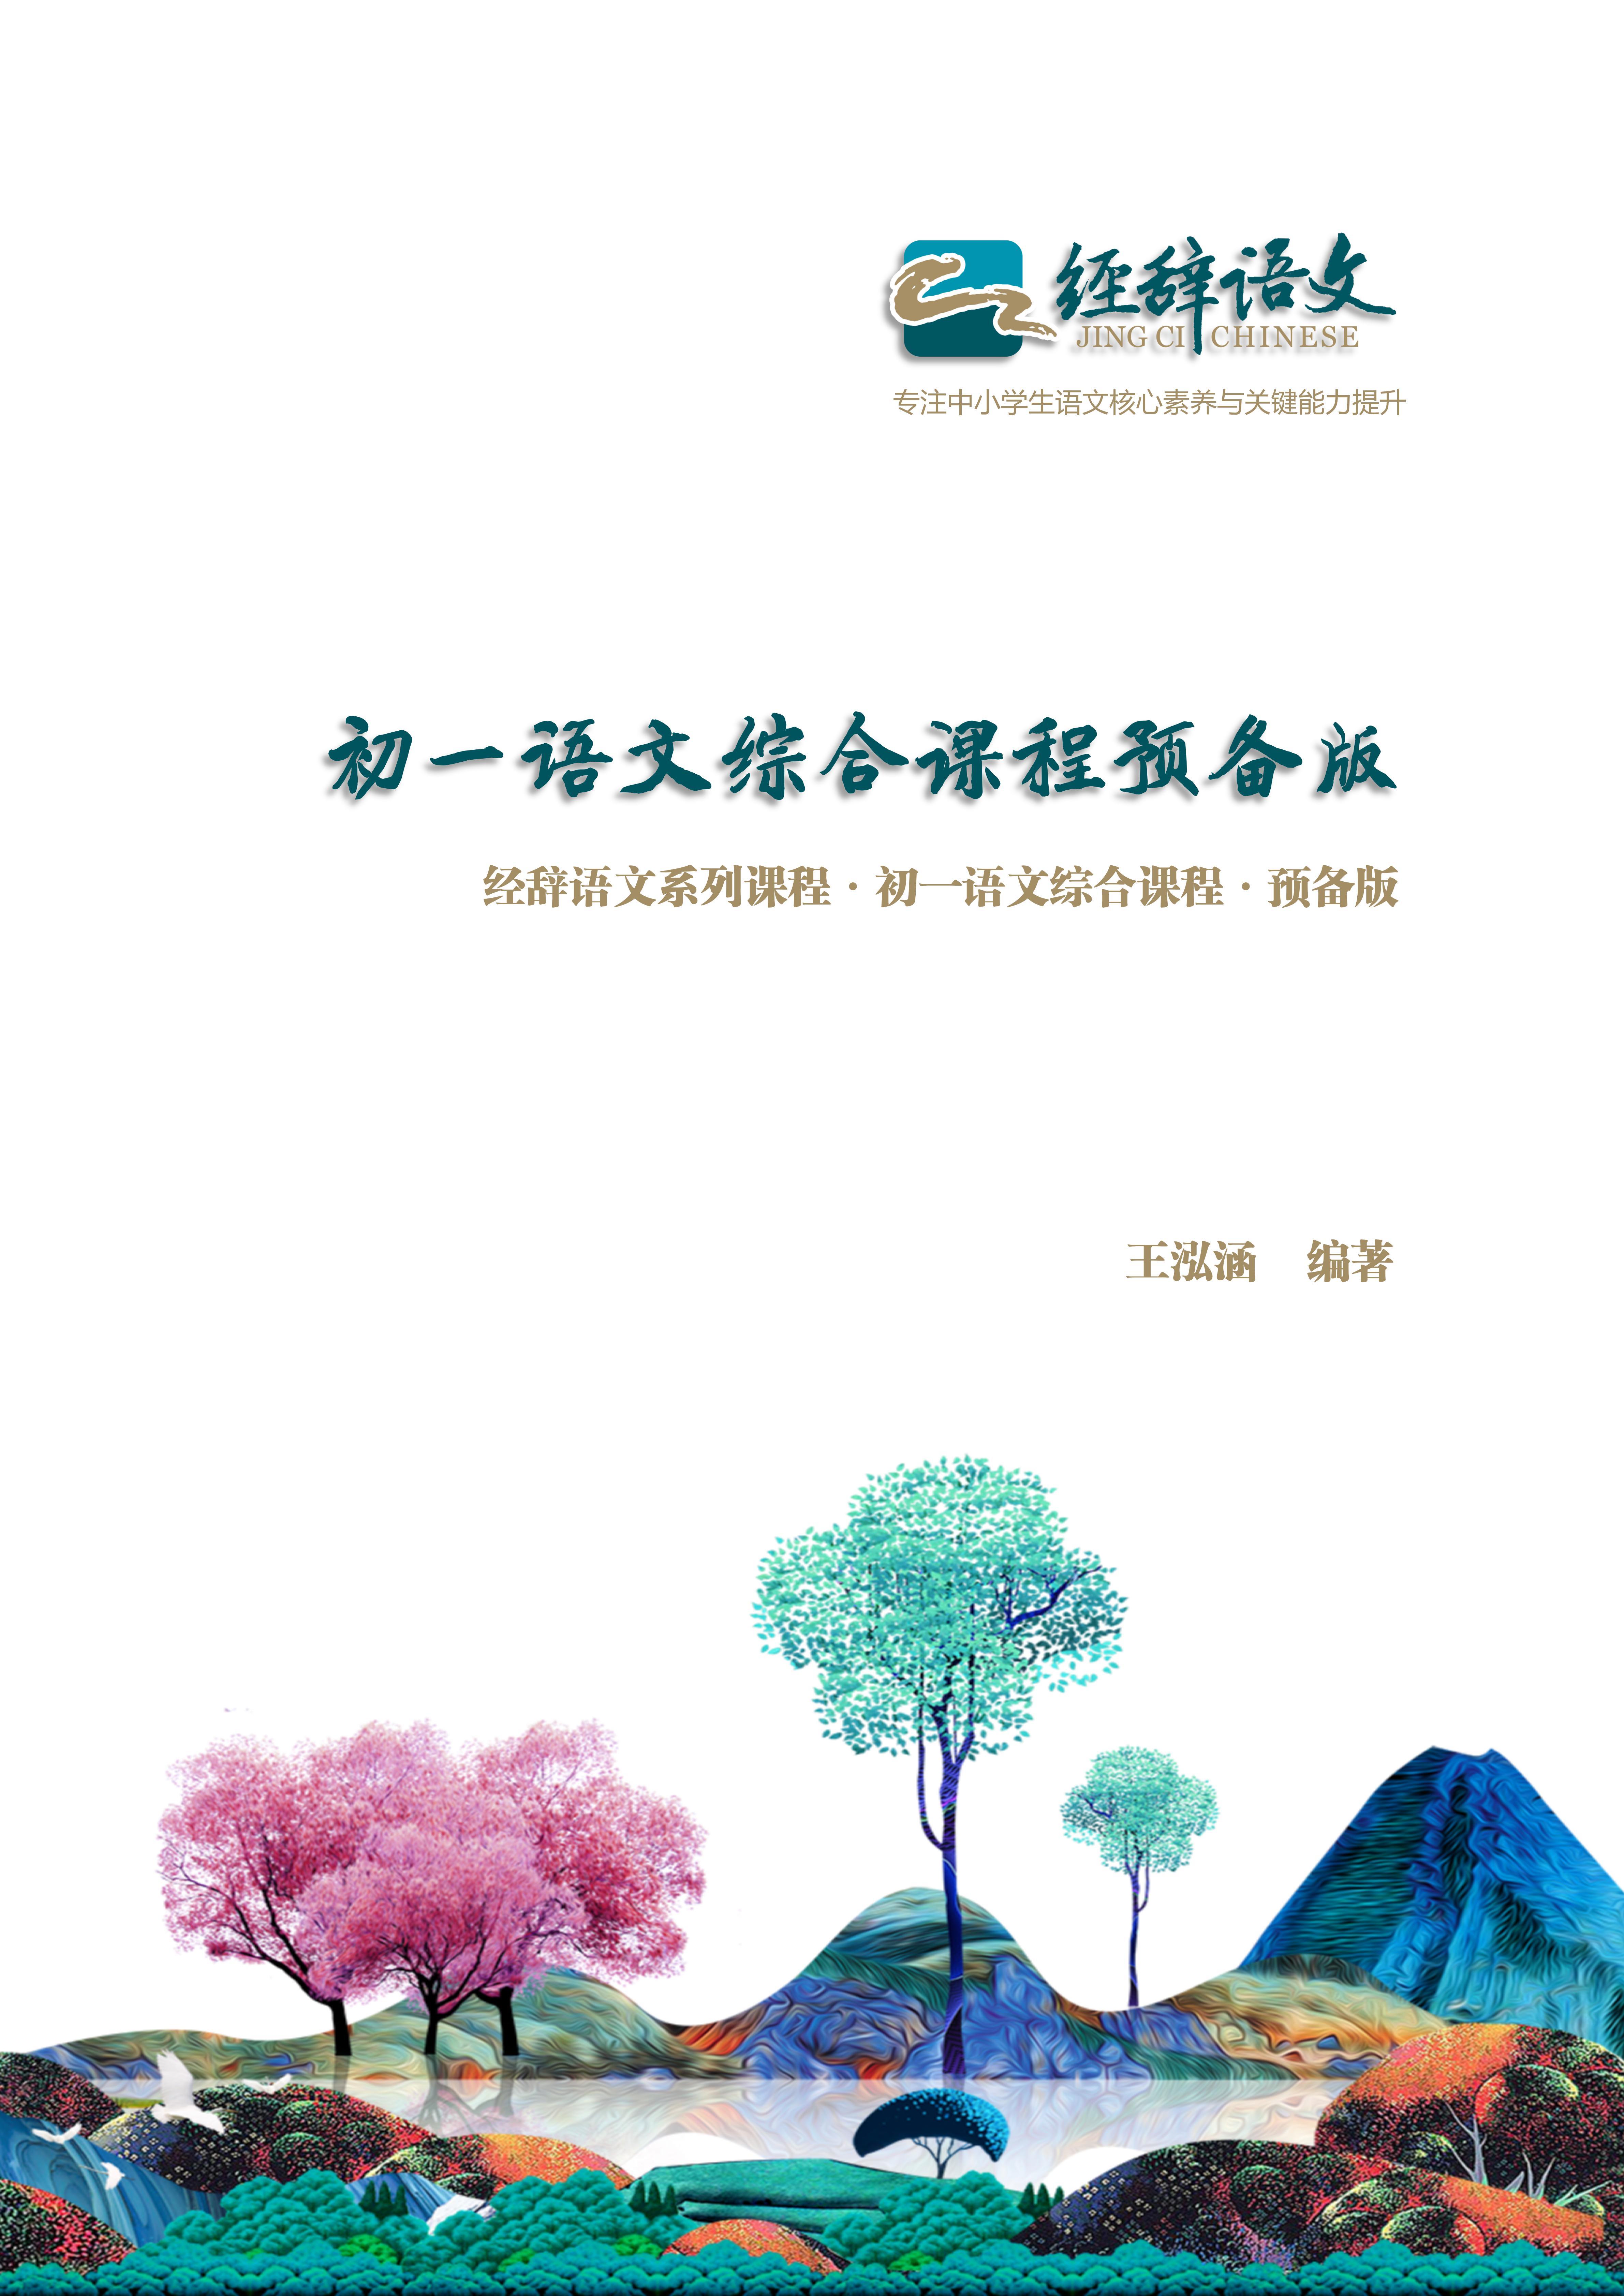 初一语文综合课程预备版